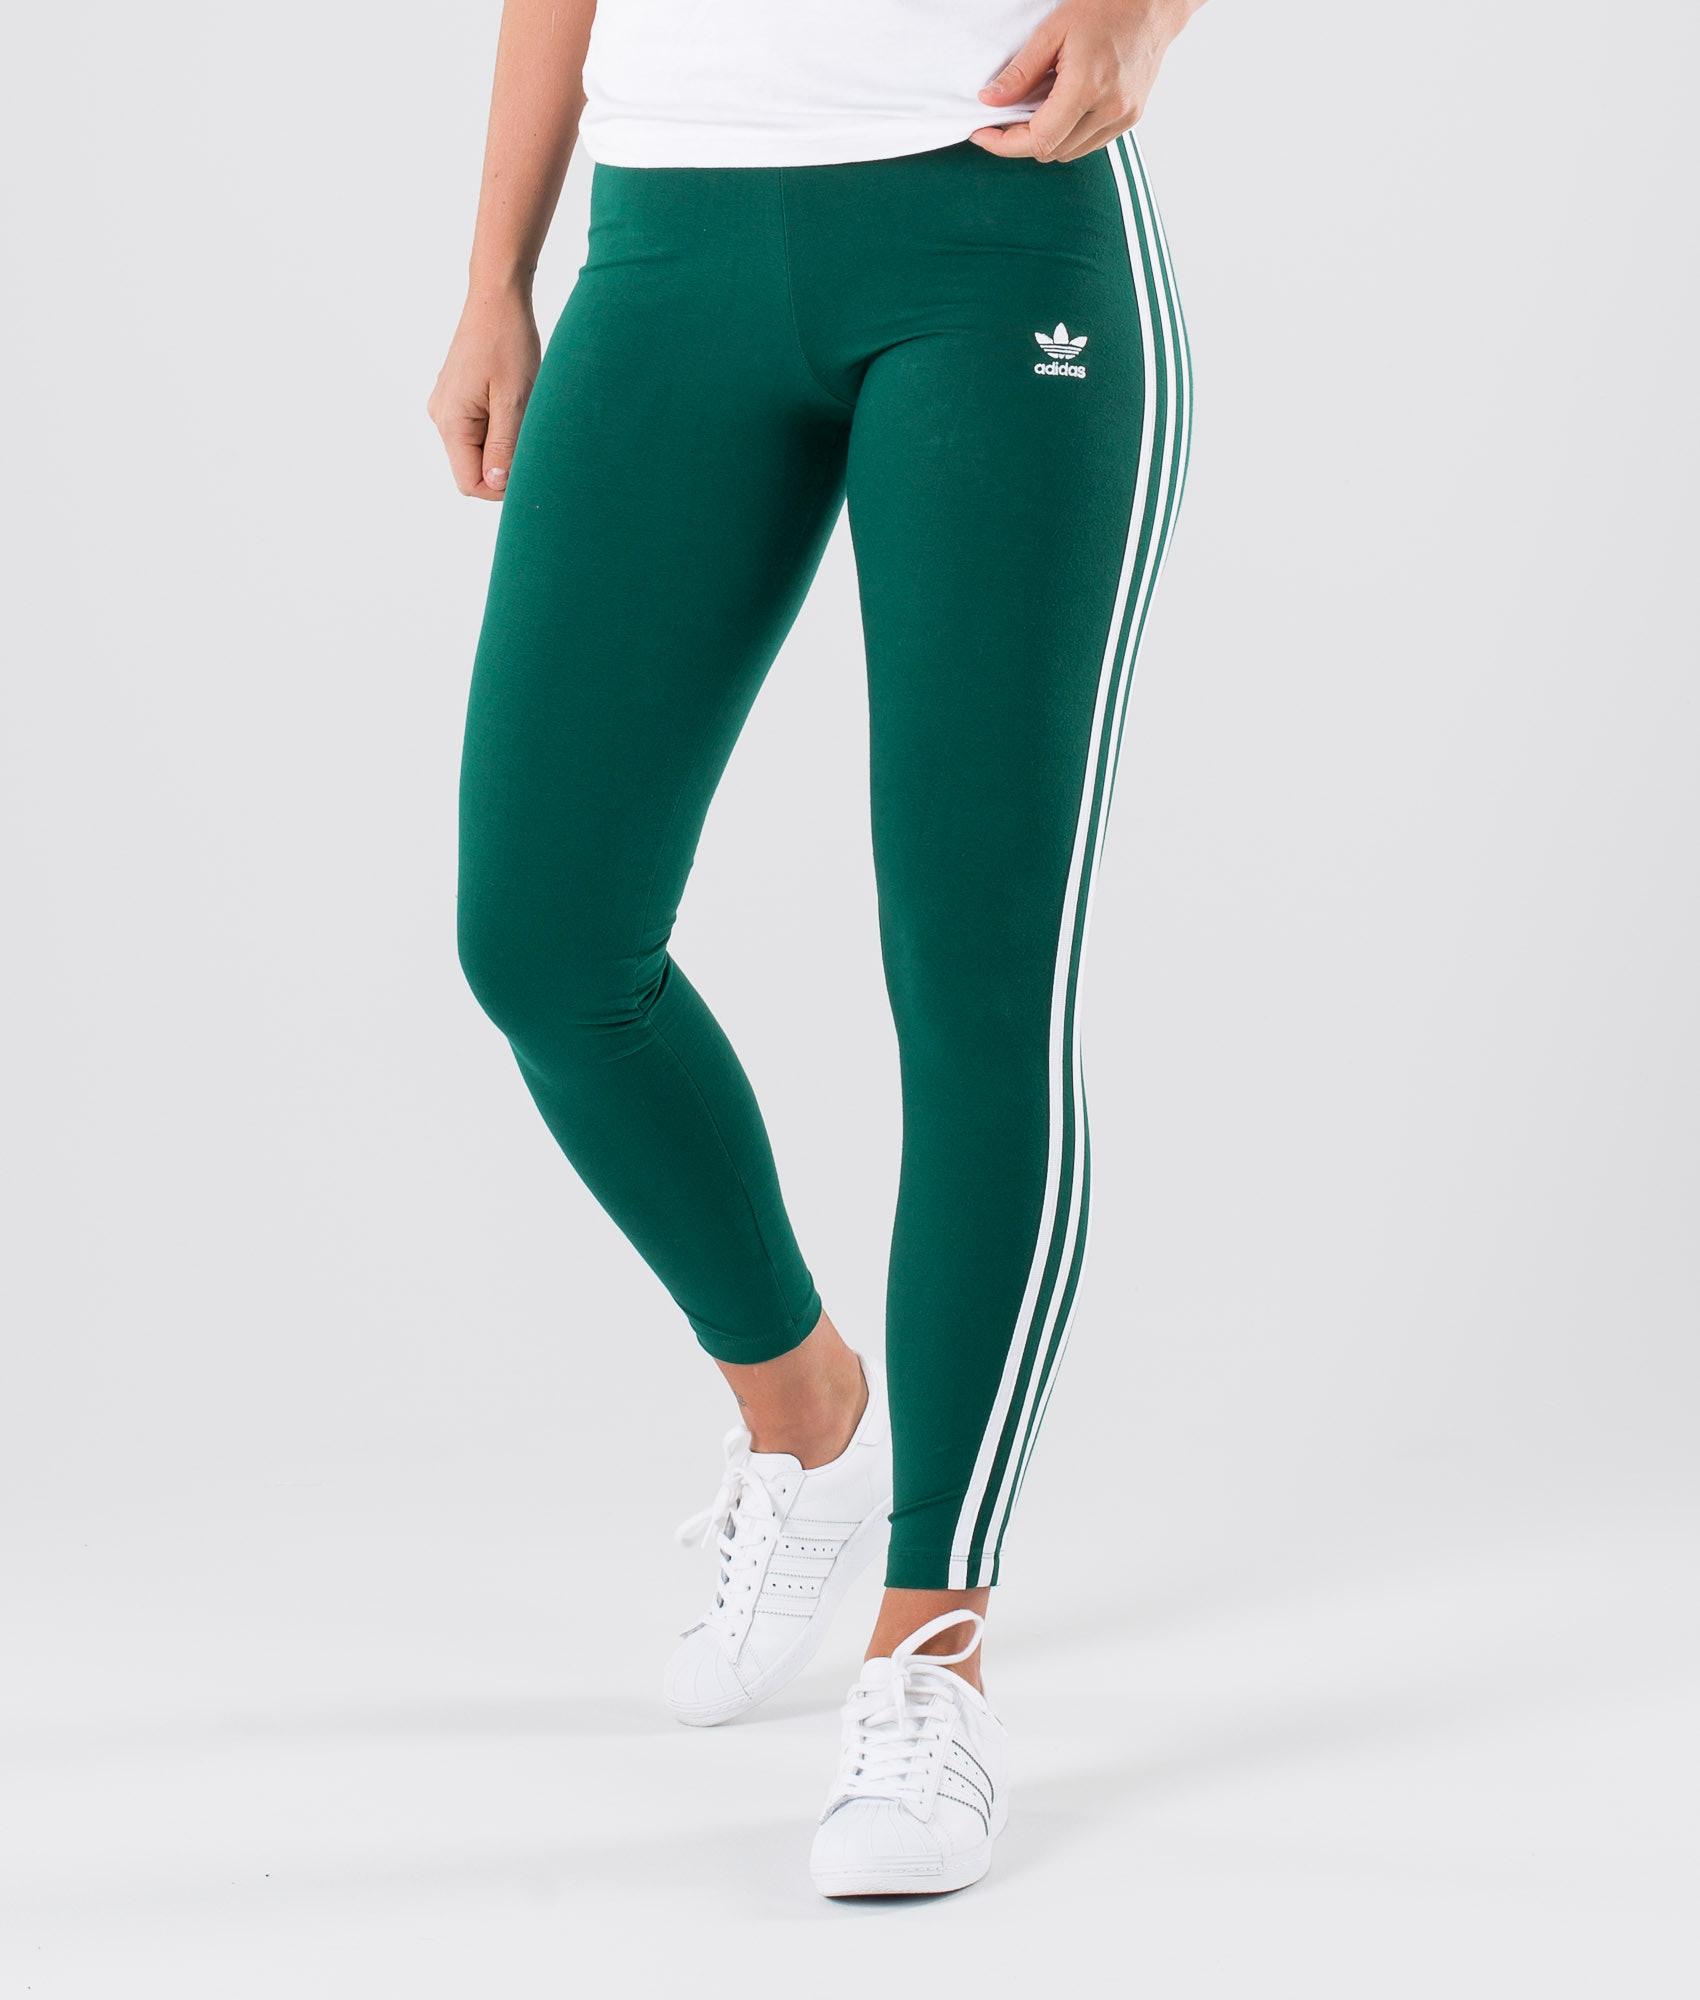 528298f6f4 Adidas Originals 3 Stripes Leggings Collegiate Green - Ridestore.com